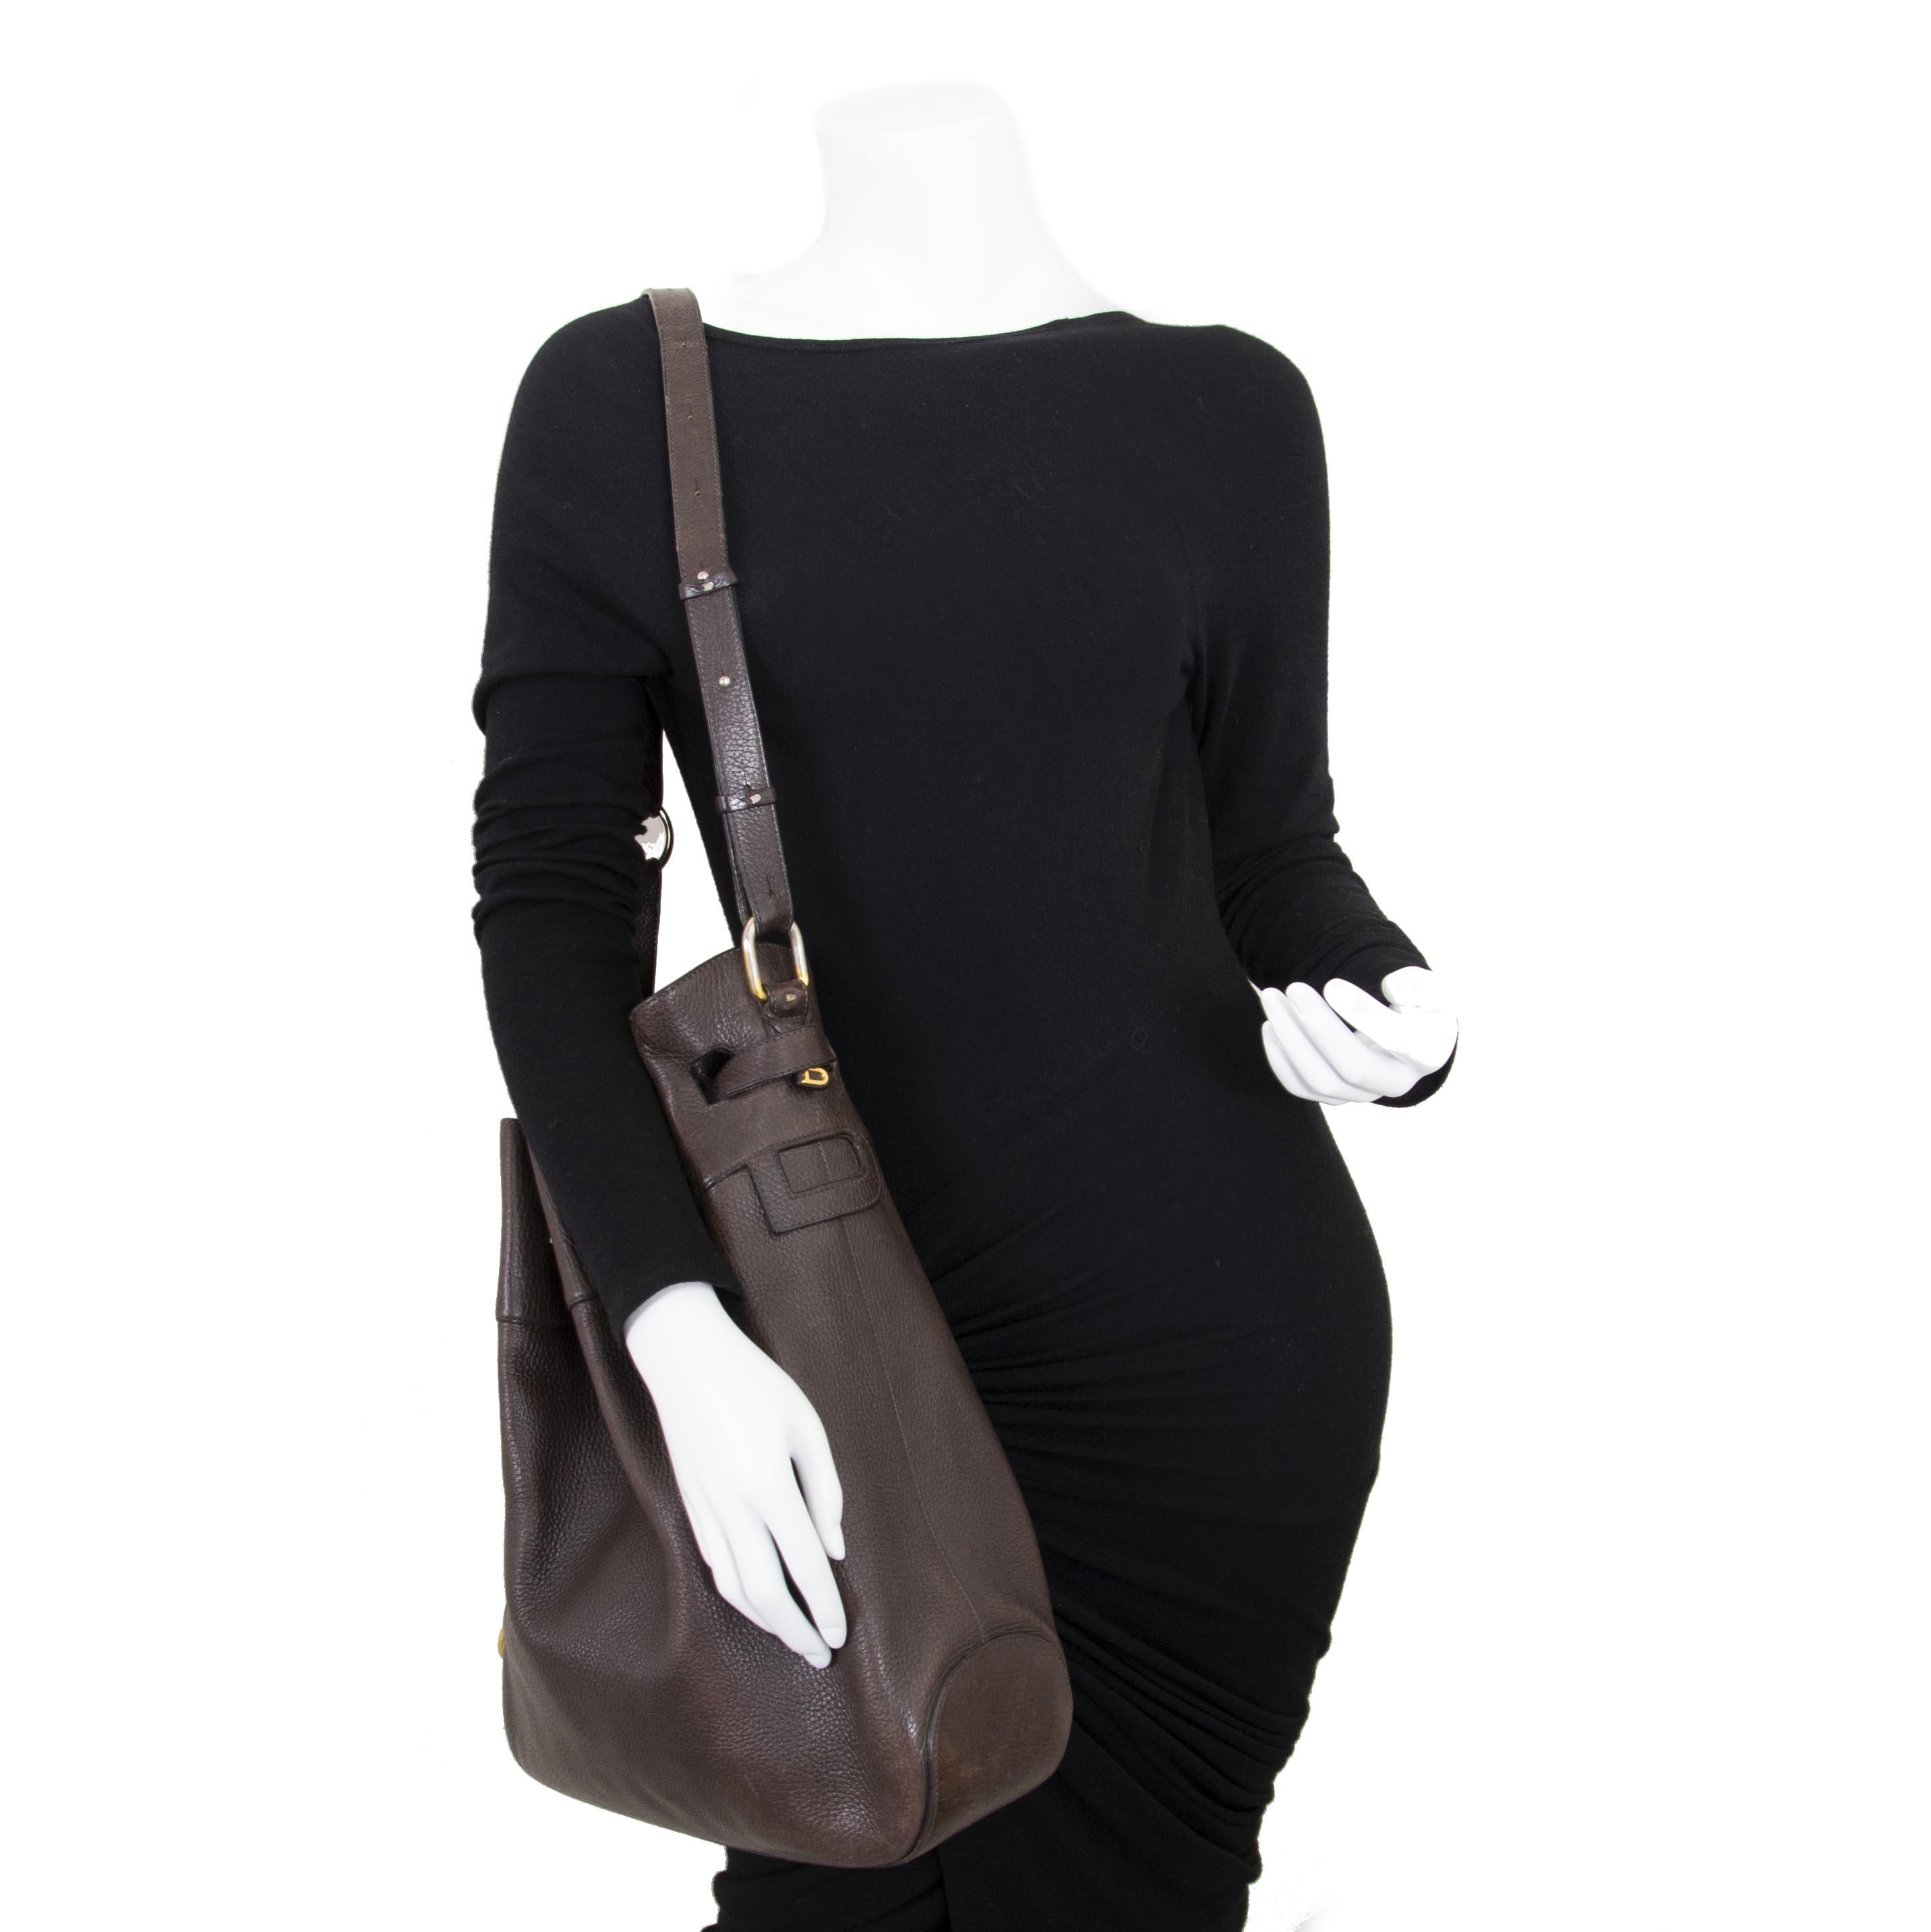 Delvaux Brown Leather Catogan Trotteur Bag now for sale at labellov vintage fashion webshop belgium